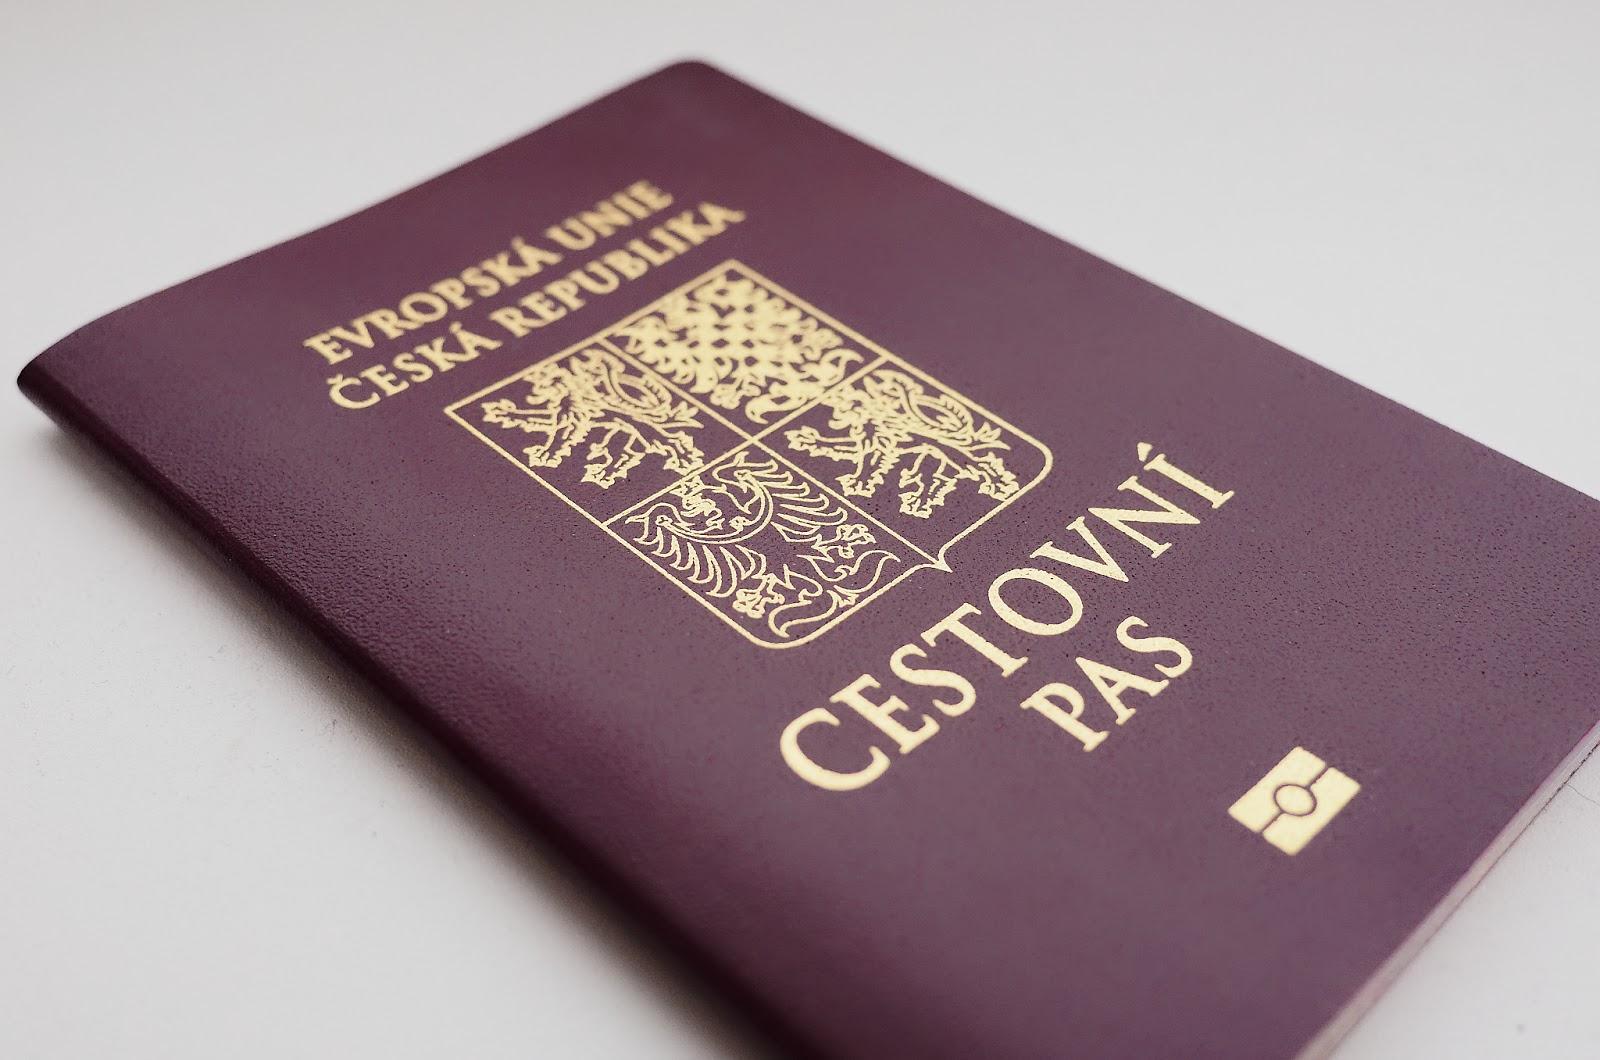 Kopie cestovních dokladů pomohou v nepříjemných situacích